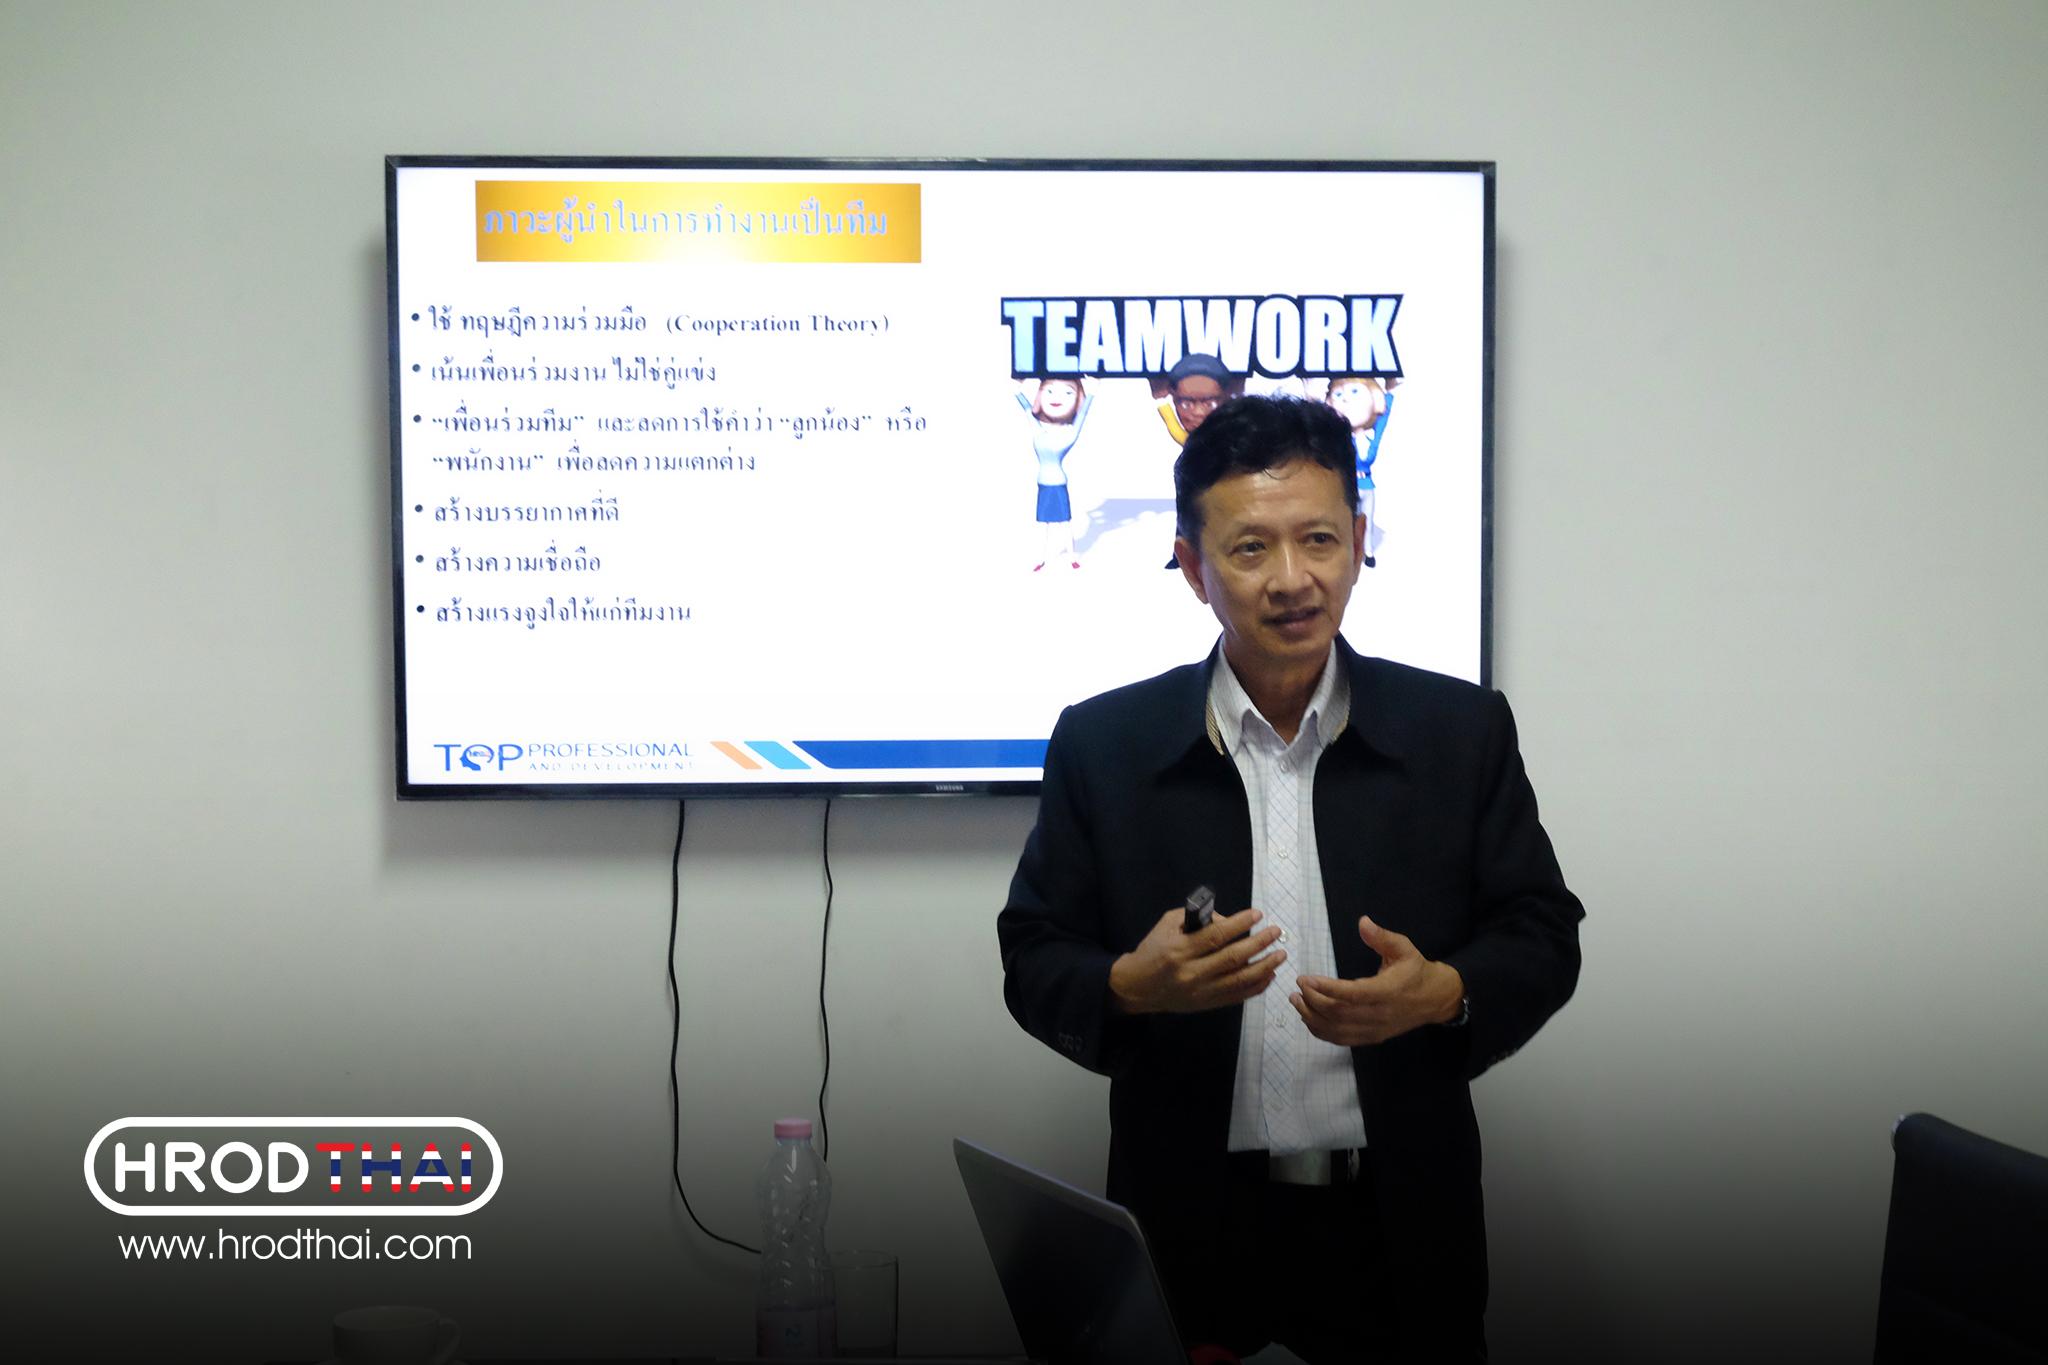 ภาวะผู้นำและการทำงานเป็นทีม 01